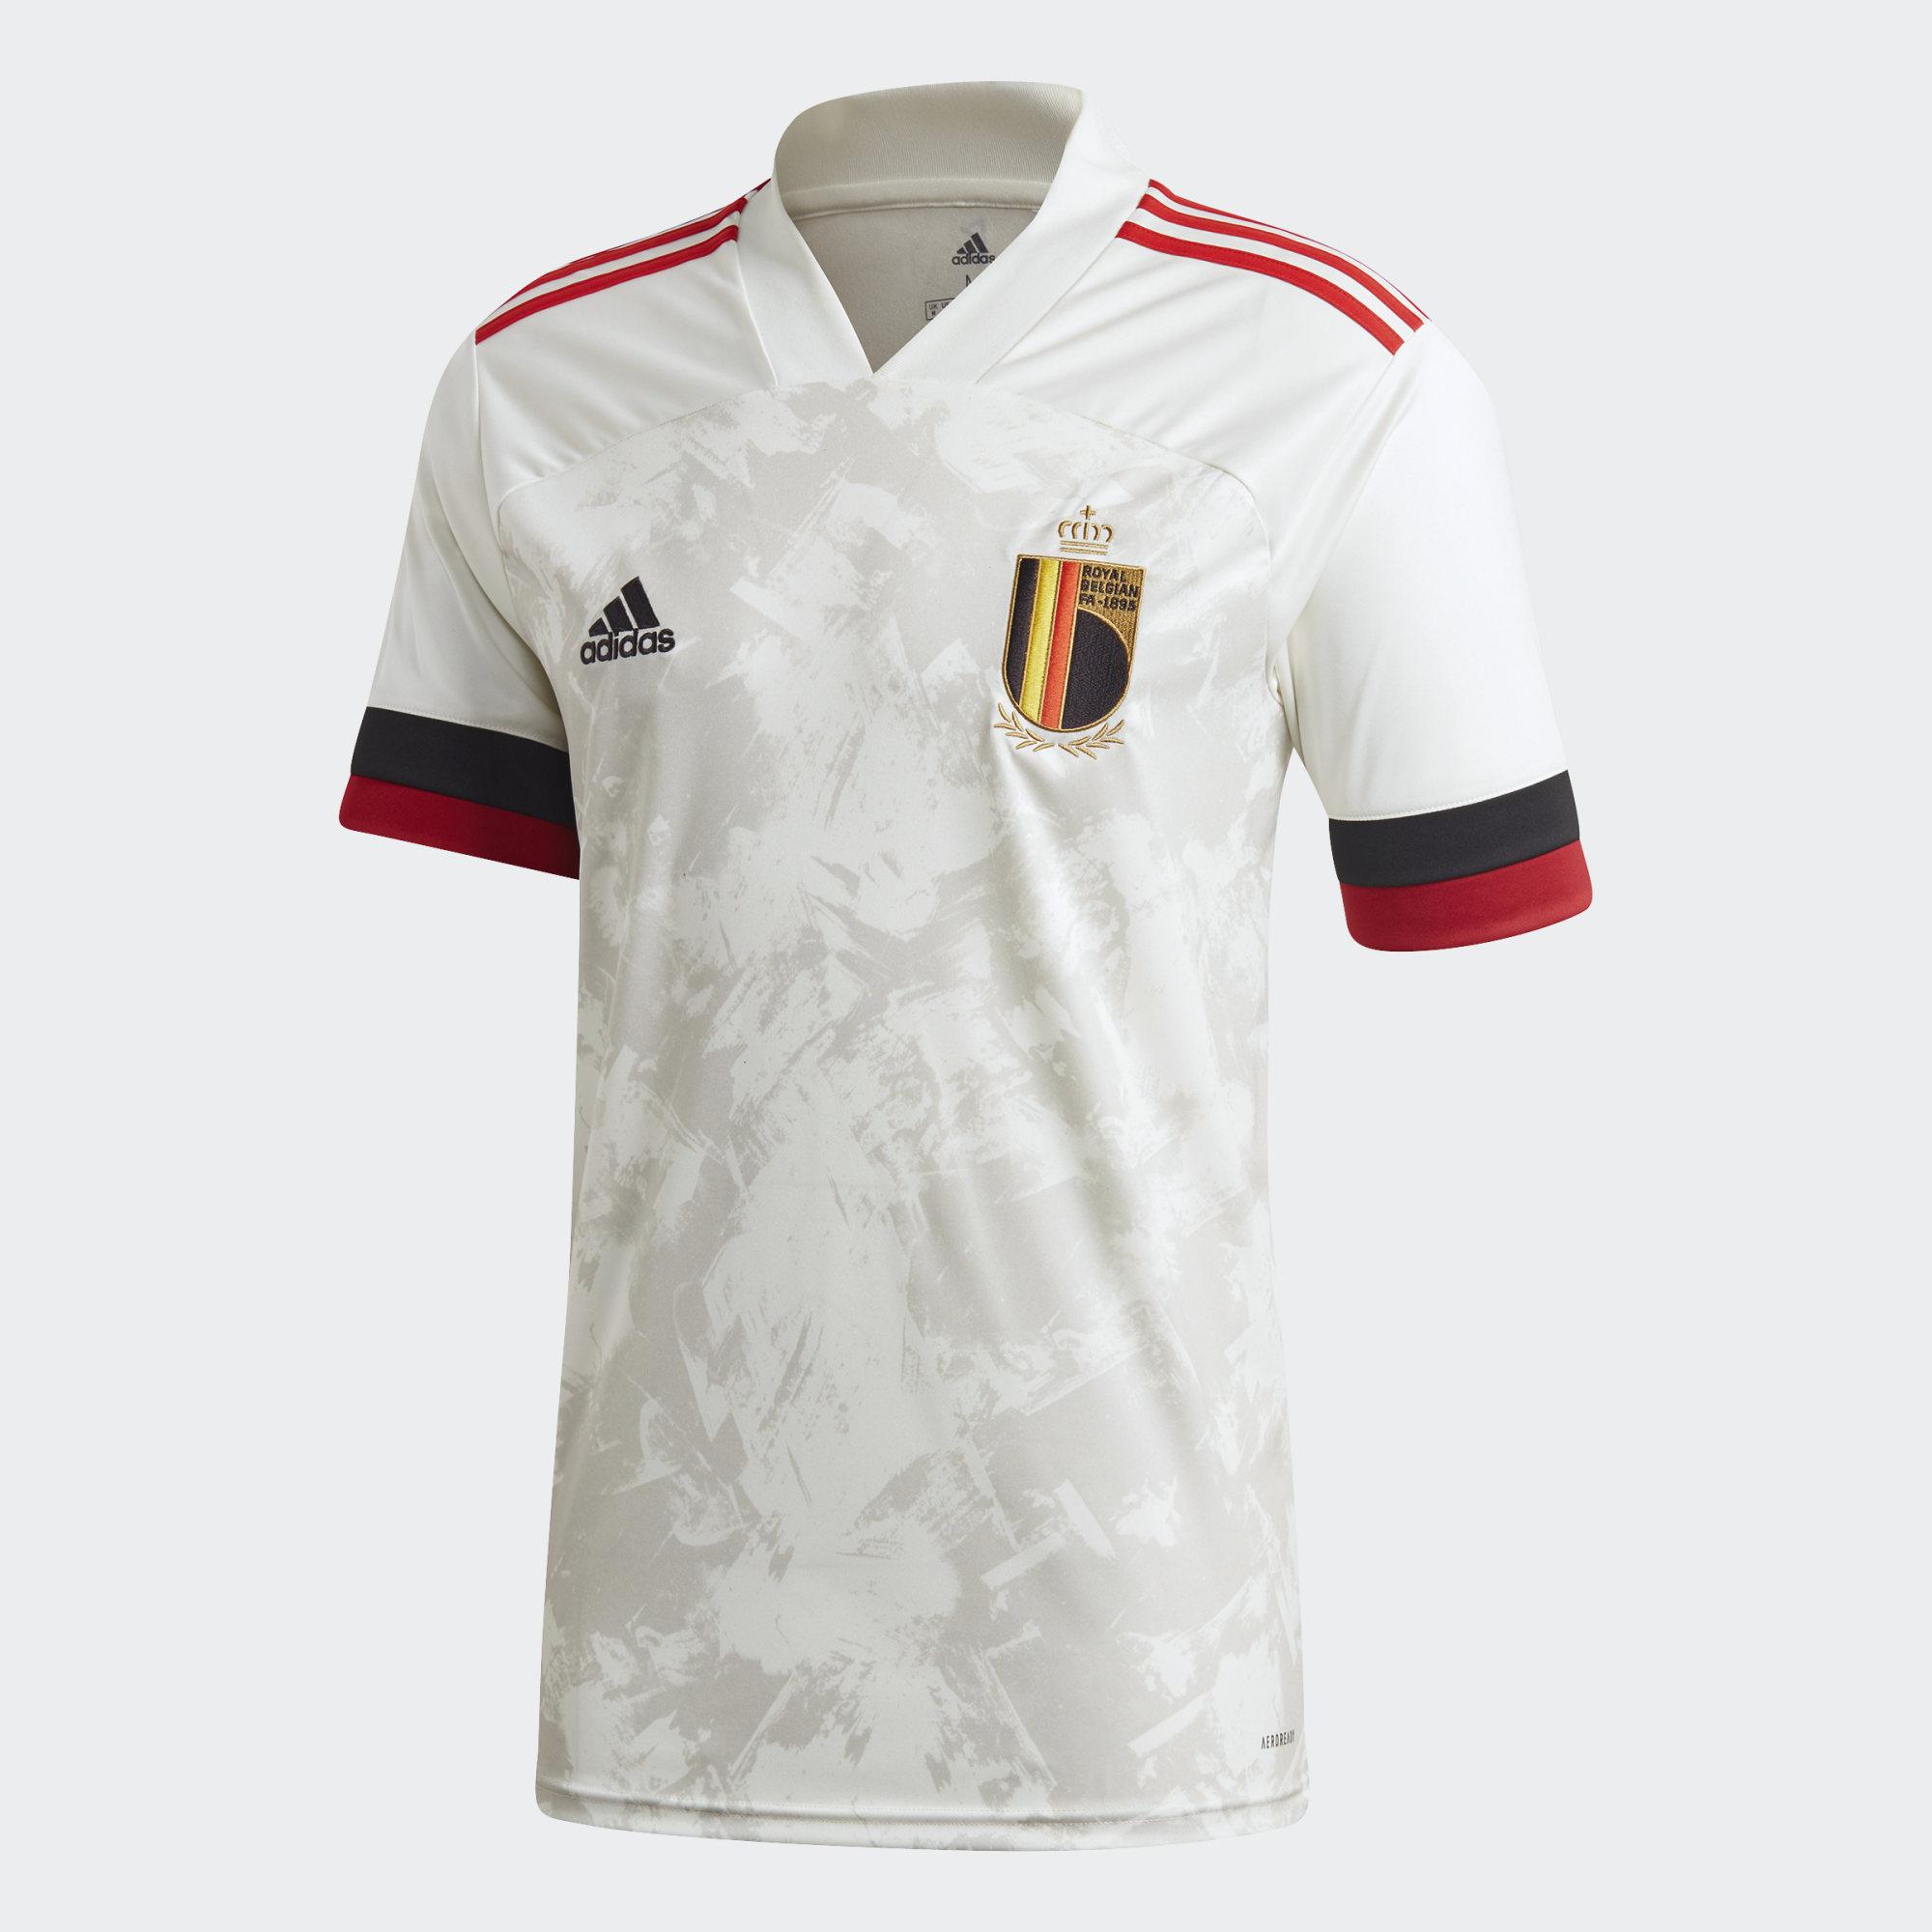 Belgium 2020 Adidas Away Kit | 20/21 Kits | Football shirt blog